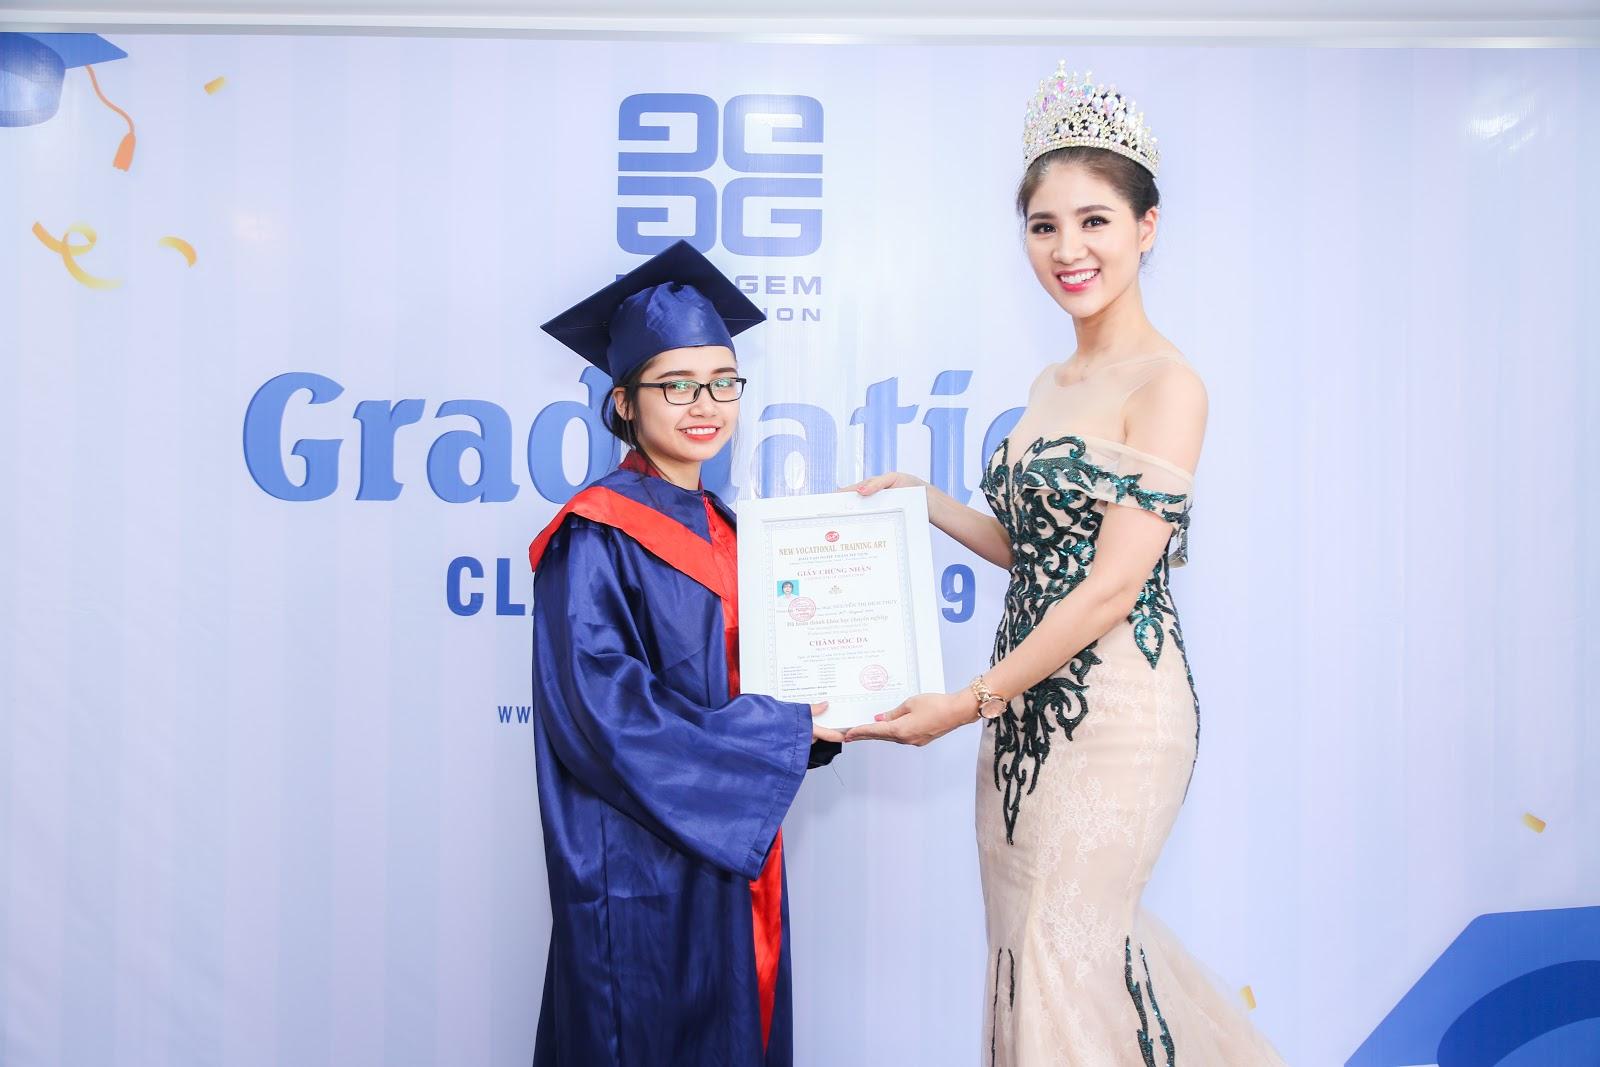 Học Viện Đào Tạo New Gem đã tuyên dương các học viên đạt giải thưởng cao trong cuộc thi.